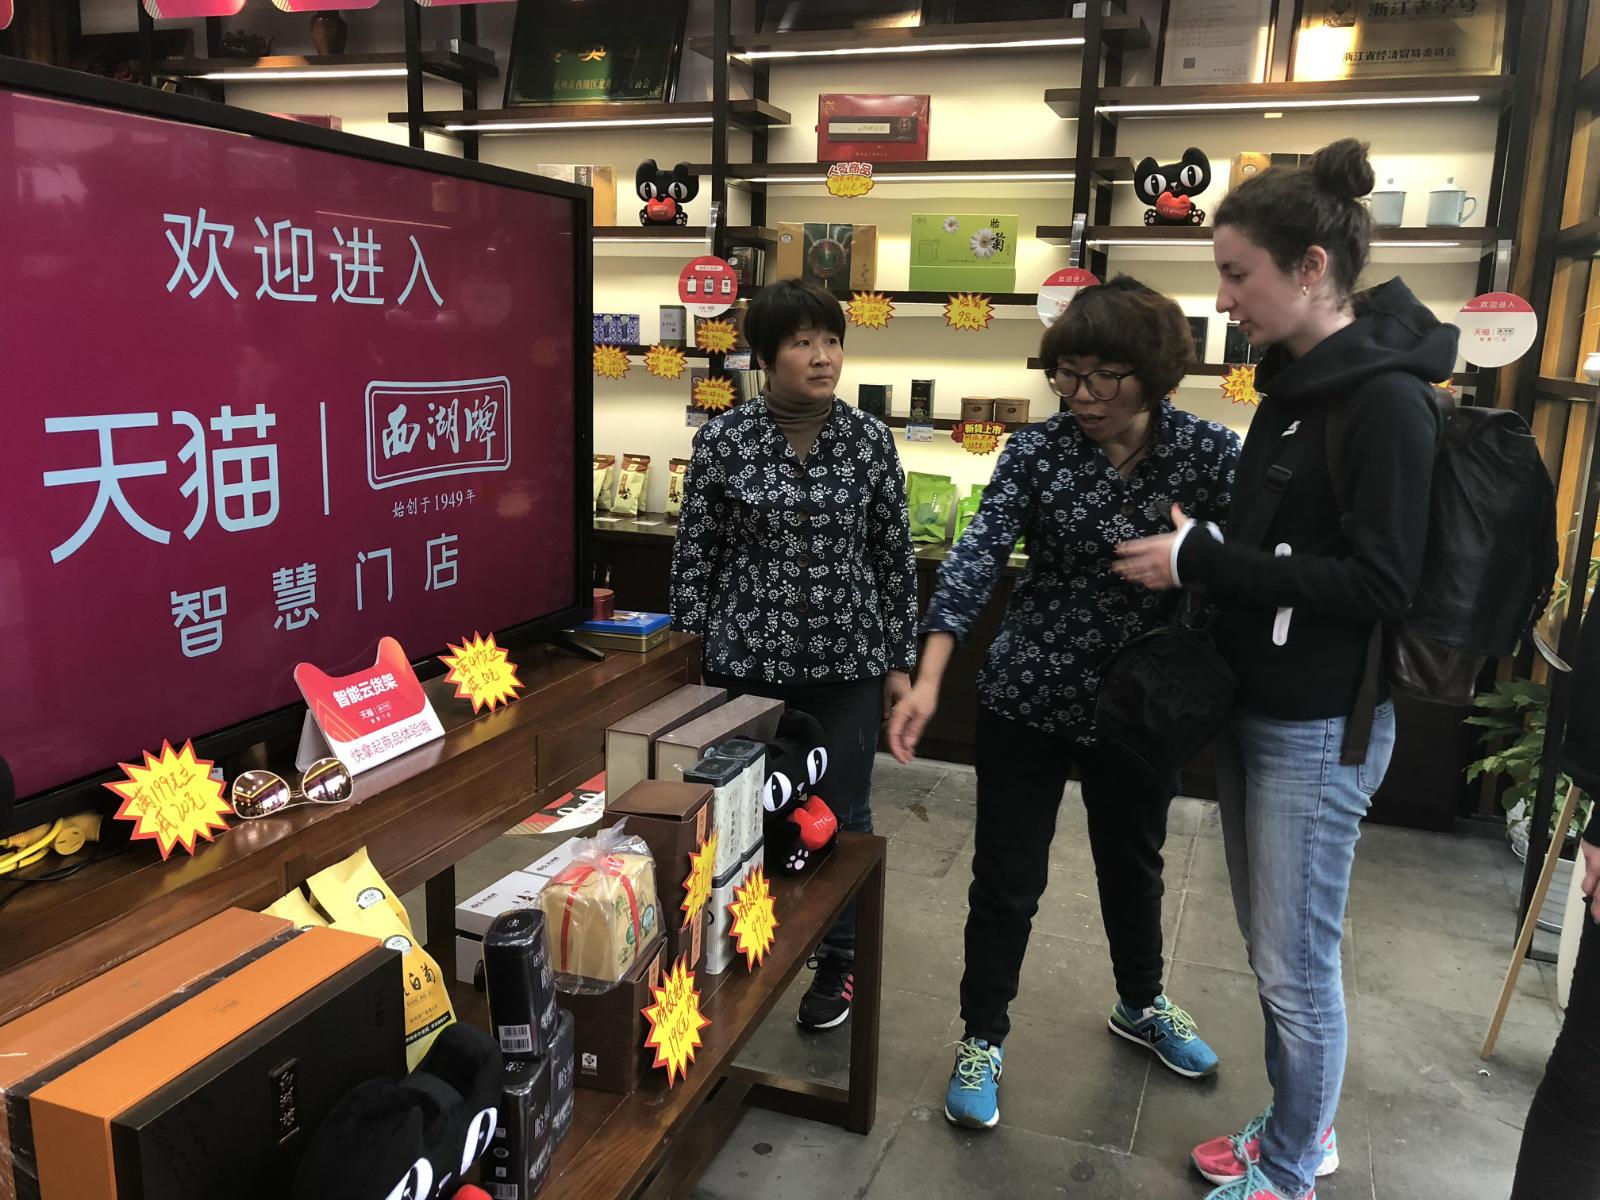 天猫是西湖龙井线上第一平台 联合数十家茶企开设新零售茶馆